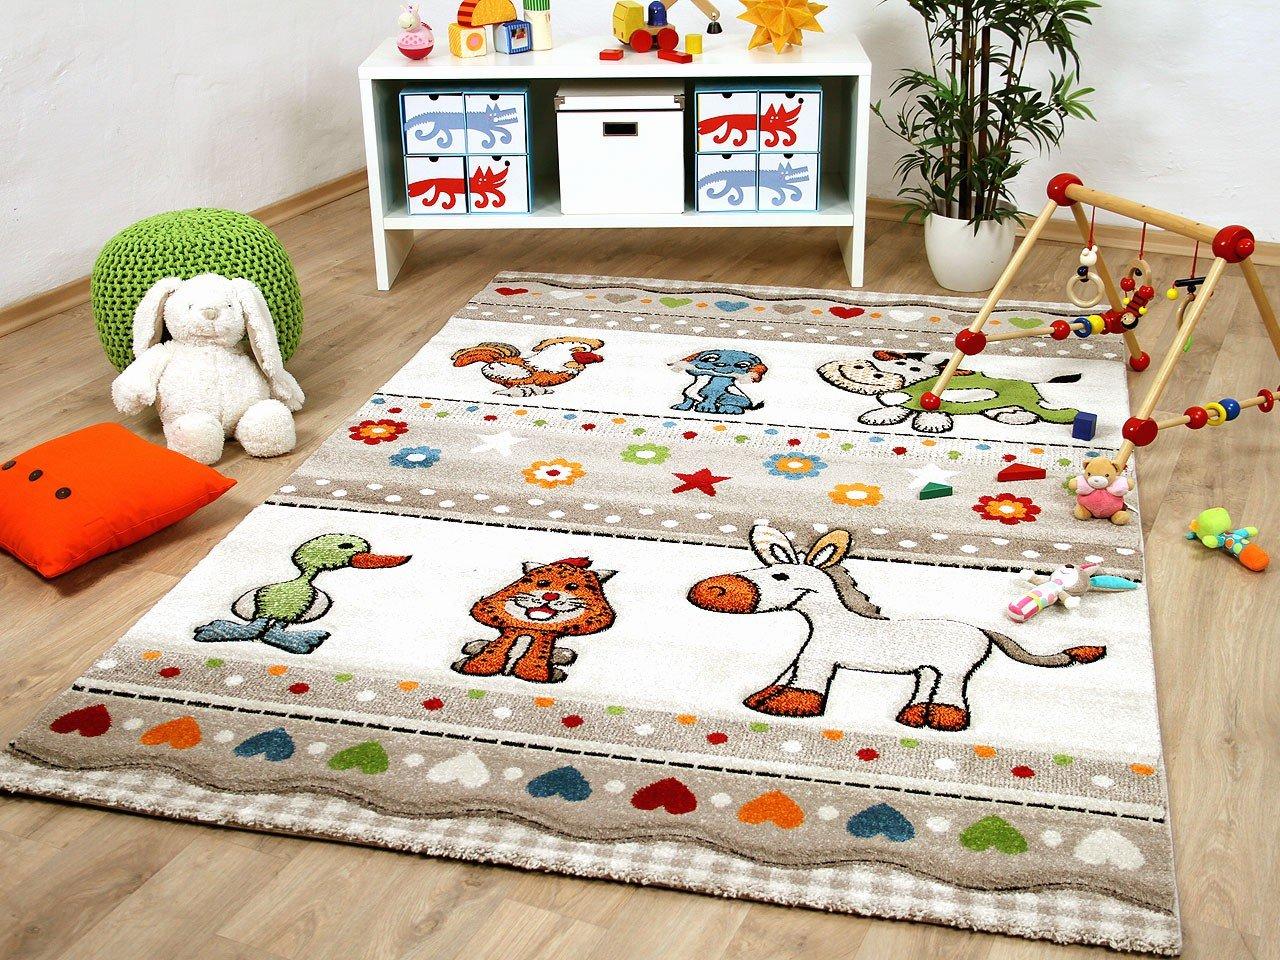 Savona Kinder und Spiel Teppich Kids Farm Tiere Bunt in 5 Größen